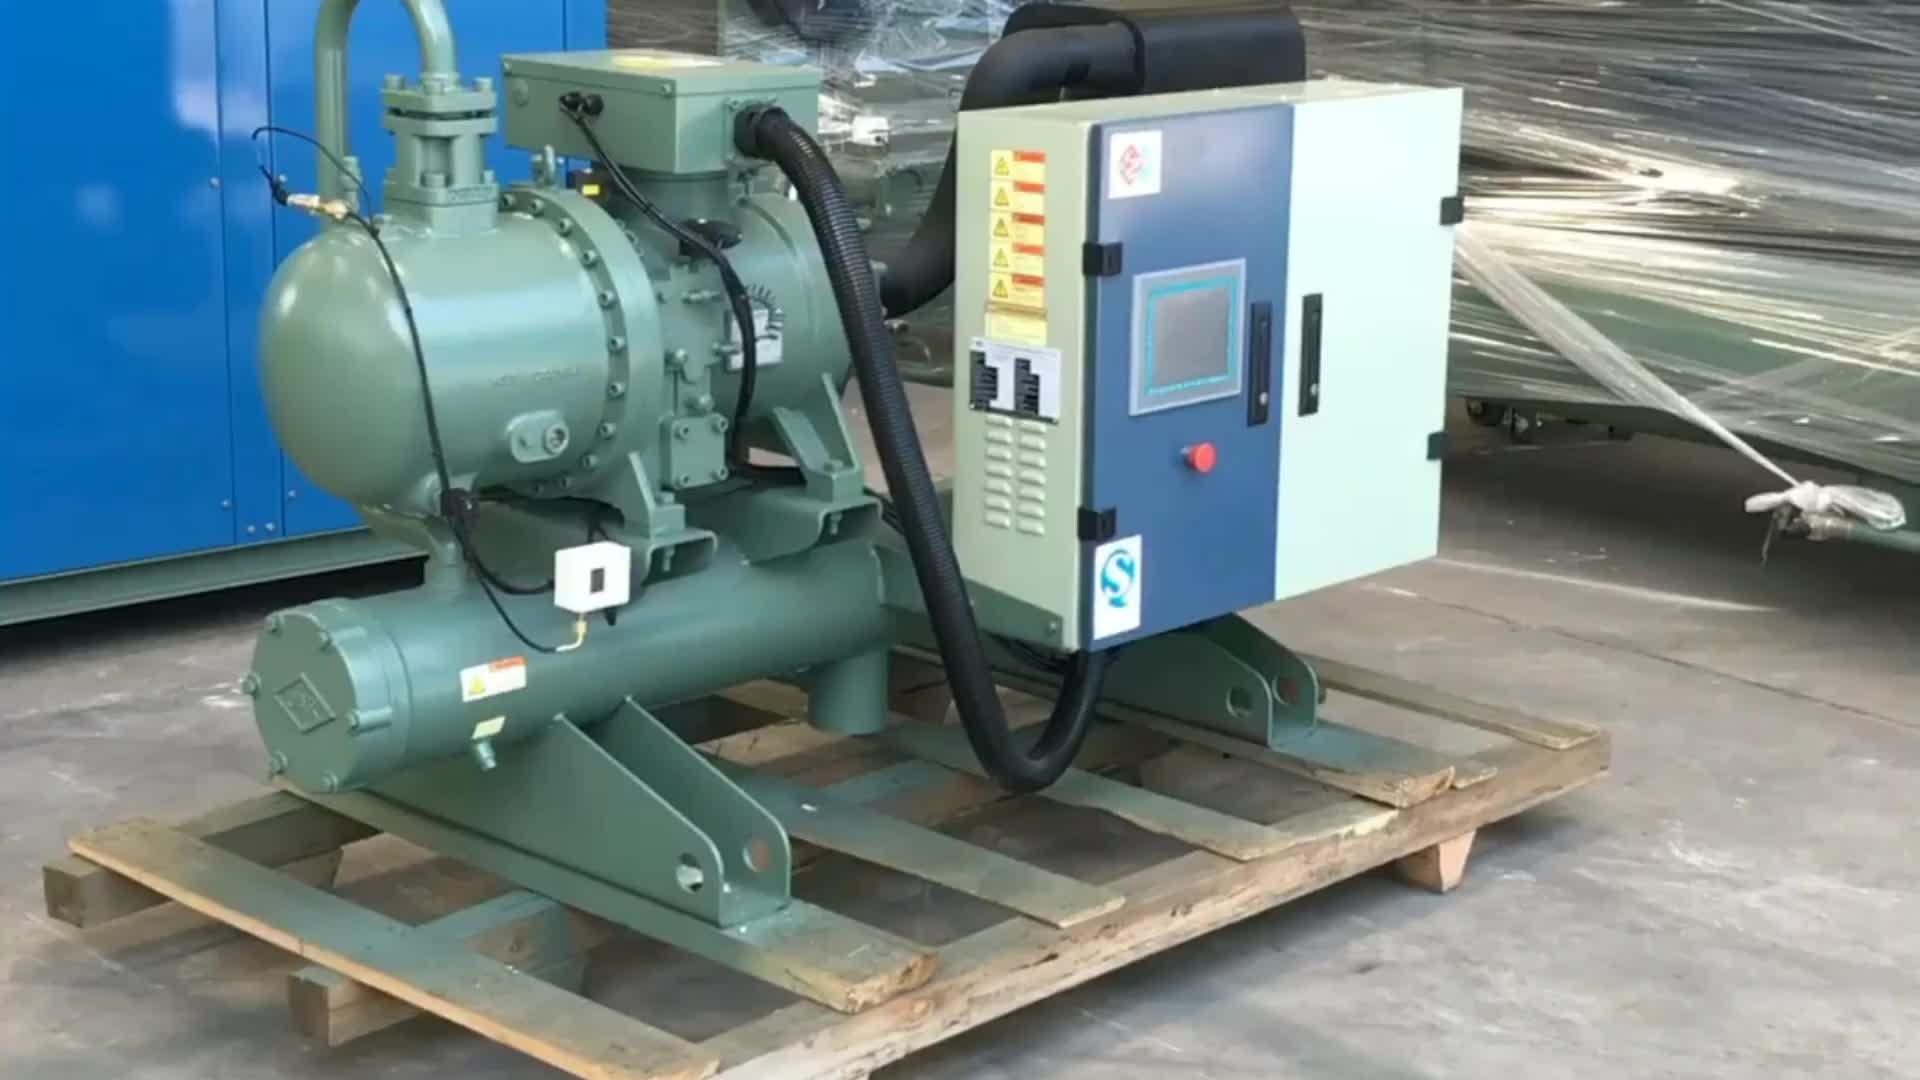 Enfriador industrial Scroll tipo abierto de 5 toneladas de agua enfriador de agua precio compresor de desplazamiento 3 ton enfriador de agua 5 hp enfriador de agua